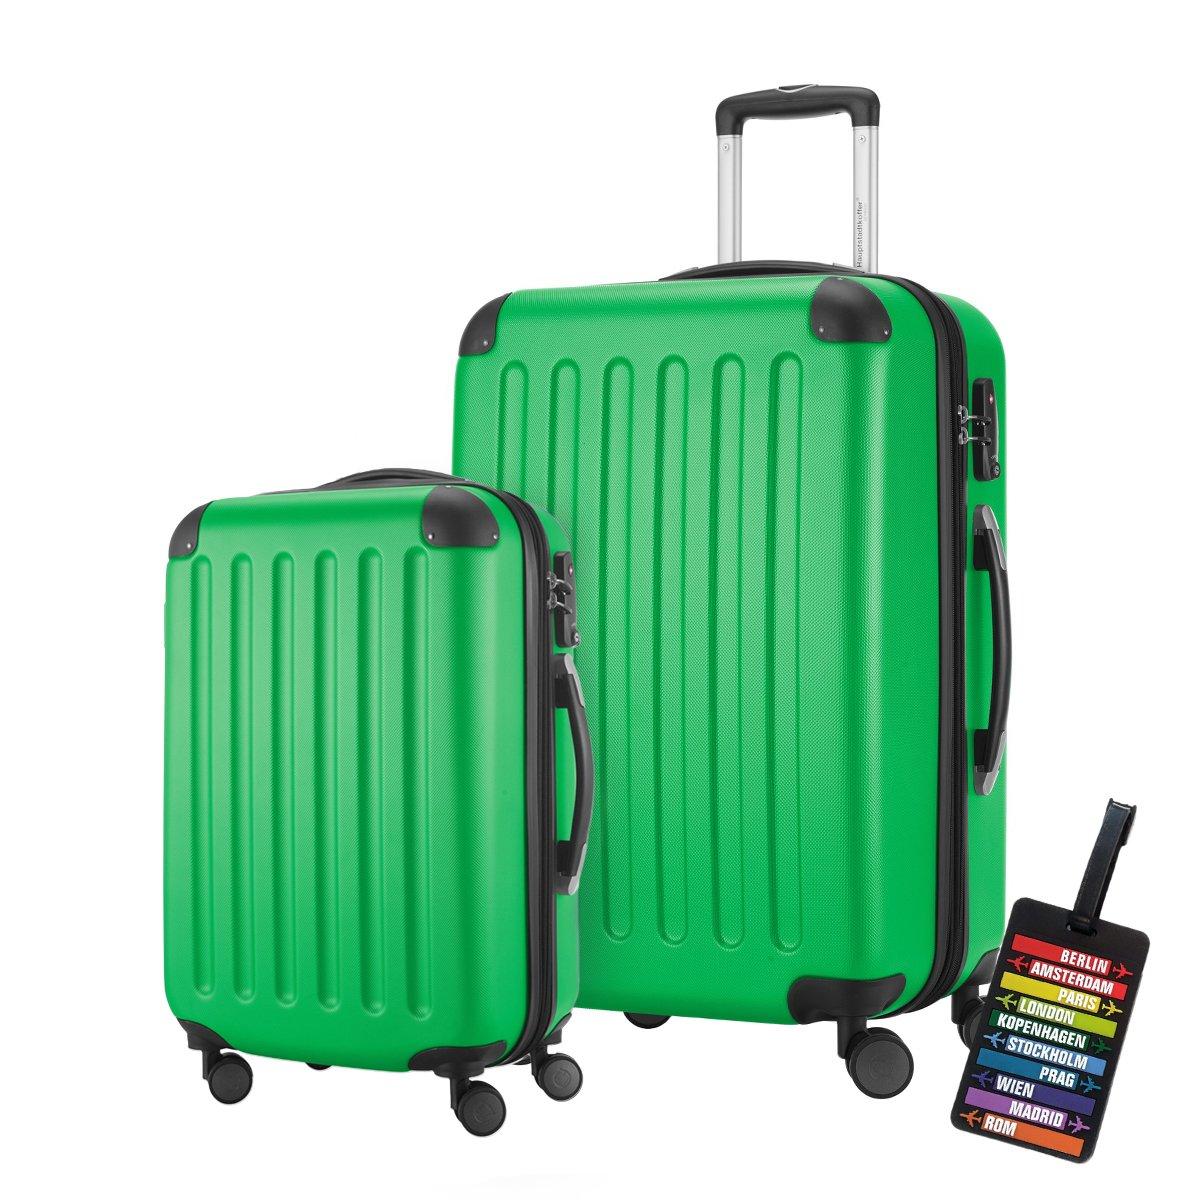 HAUPTSTADTKOFFER® · 2er Hartschalen Kofferset · Modell: SPREE · Handgepäck 49 Liter + Reisekoffer 82 Liter · in verschiedenen Farben + DESIGN KOFFERANHÄNGER (Apfelgrün) HK1203-AG-49+82